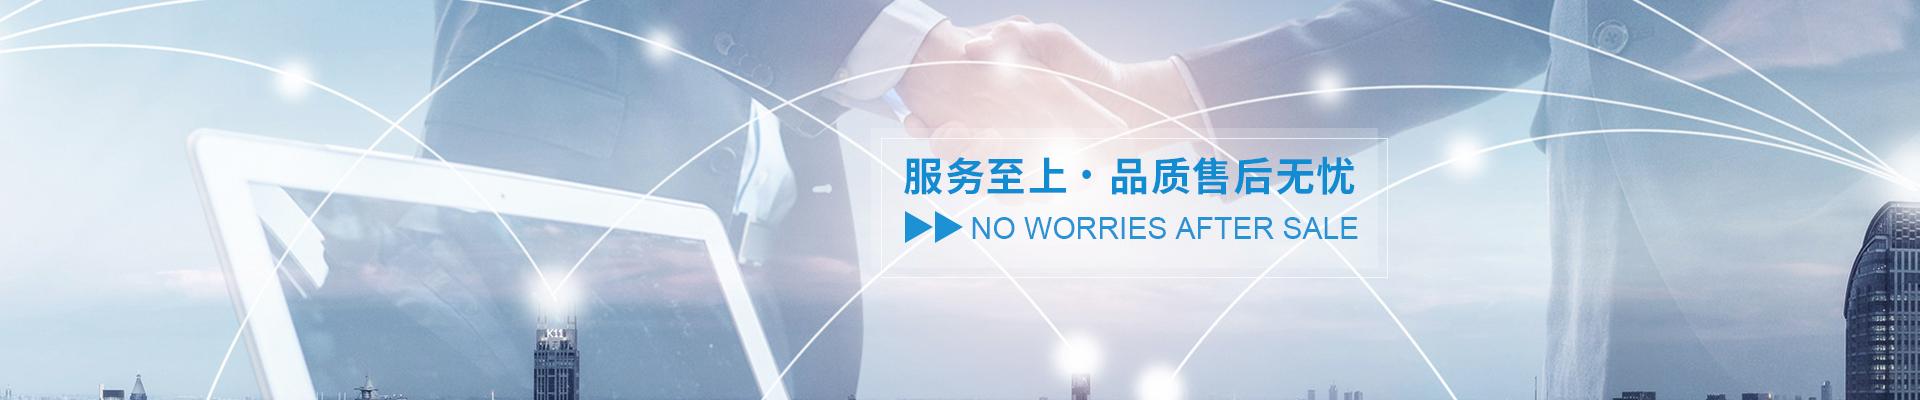 青浦区品质展览展示服务推荐厂家「上海呗呗信息科技有限公司」